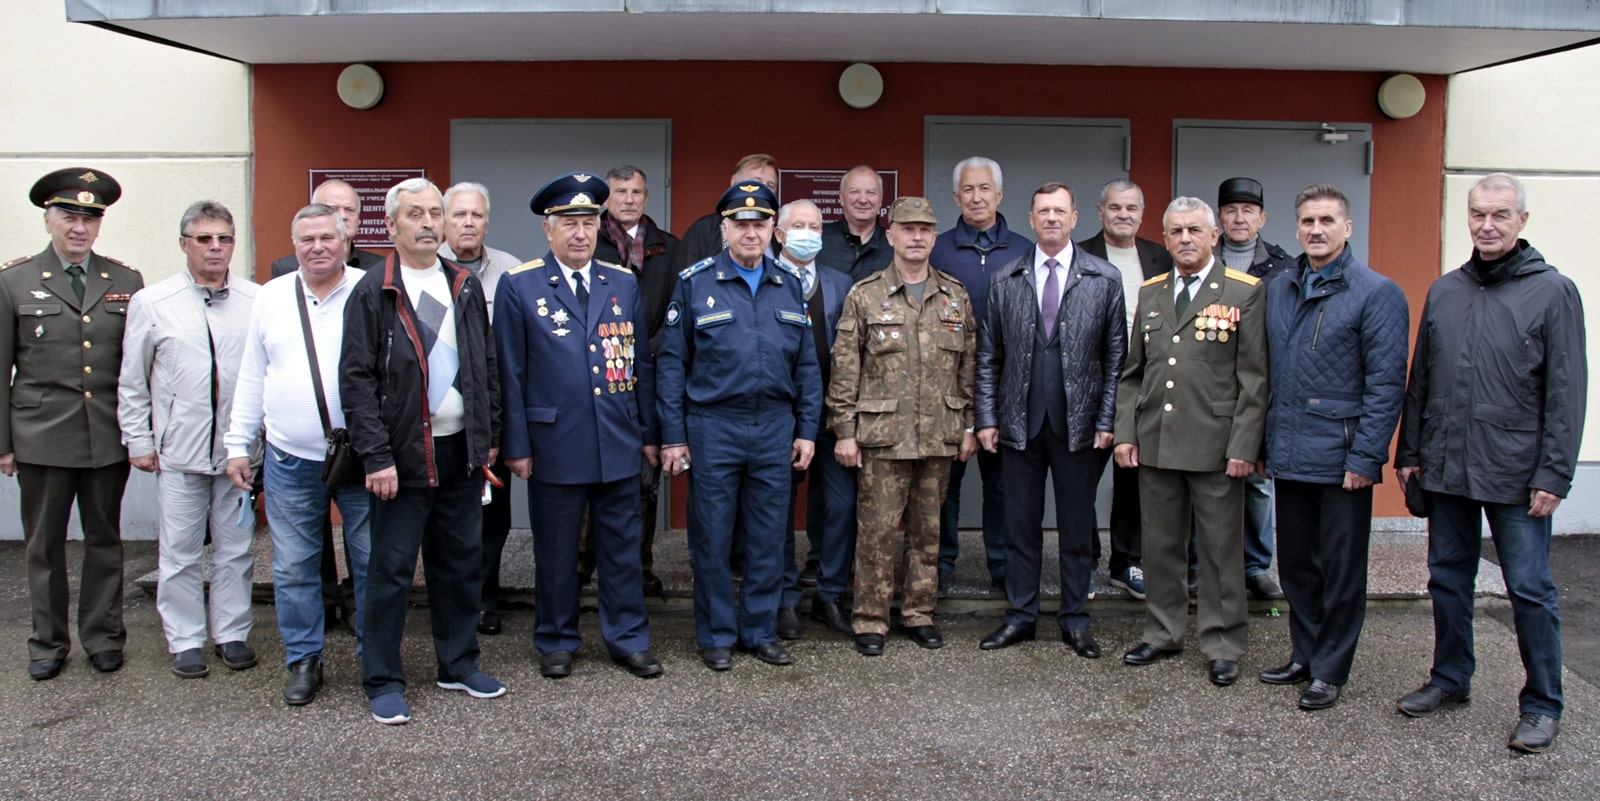 Потенциал отставных офицеров должен найти применение: Владимир Васильев пообщался с ветеранами вооруженных сил